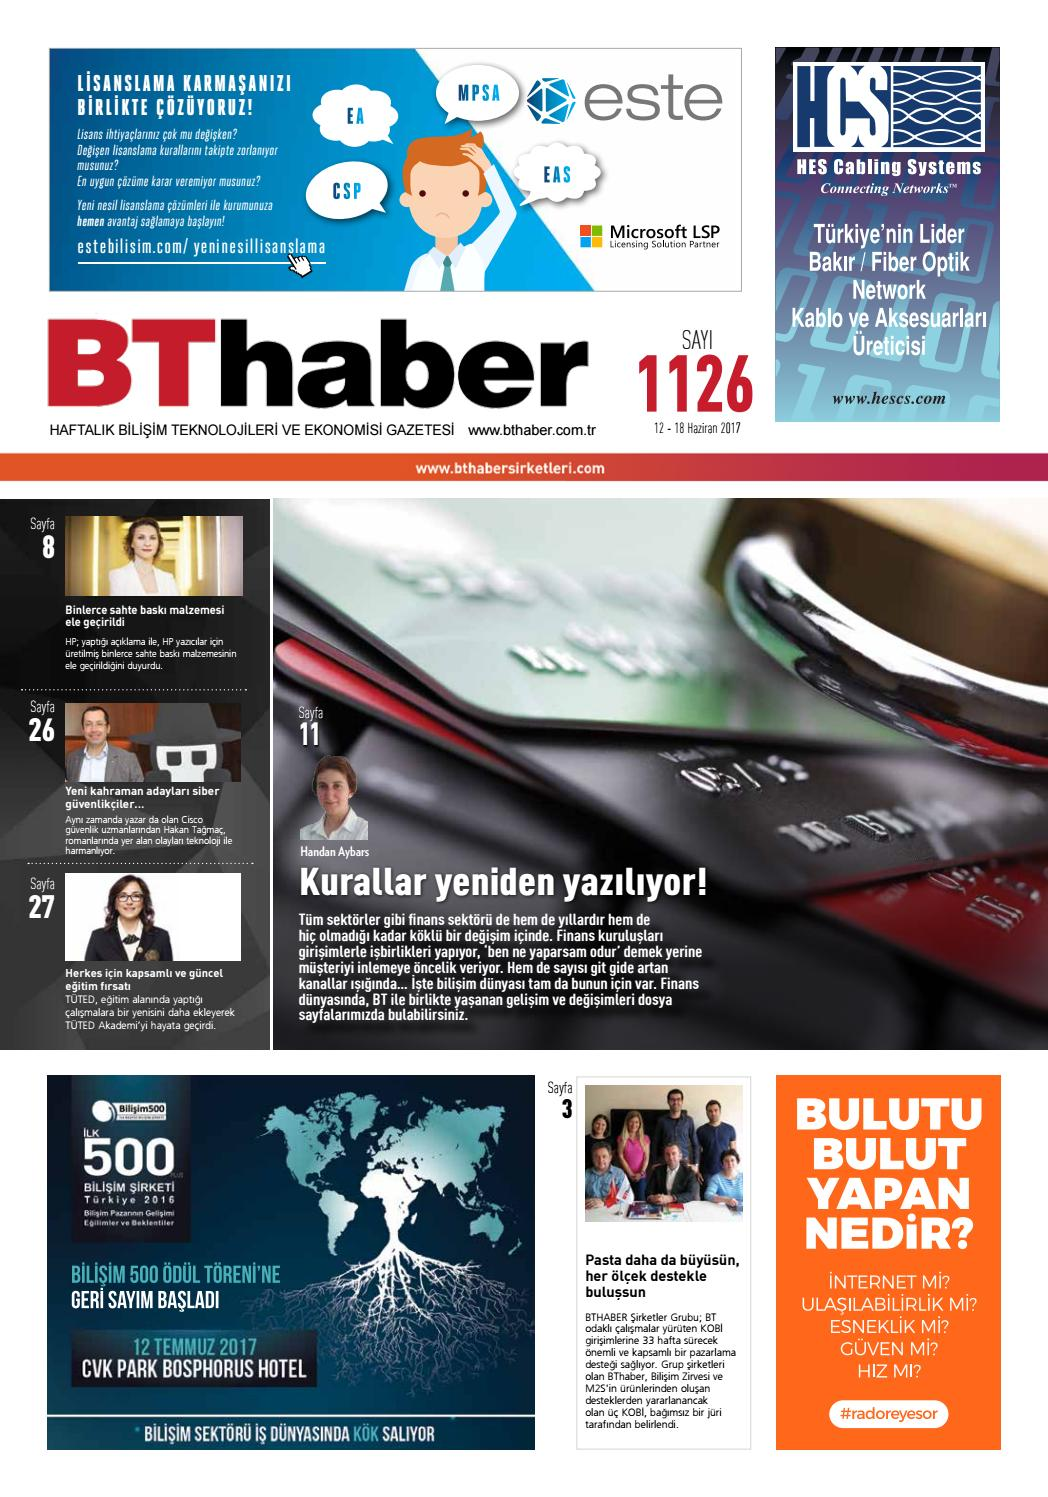 Yenidoğanlar için bir çevrimiçi mağaza seçimi ile ilgili ipuçları ve öneriler 48